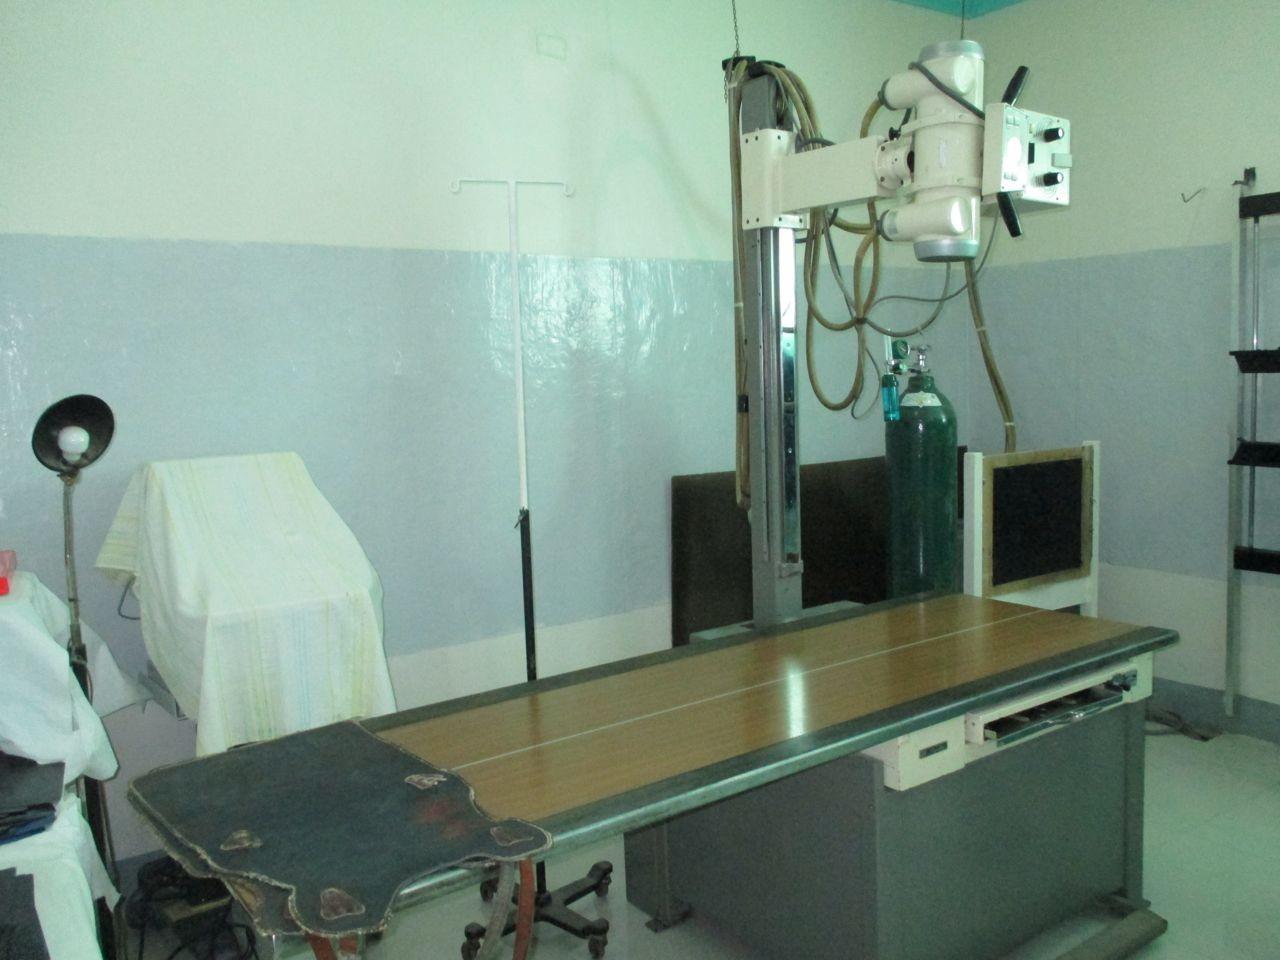 ein sehr altes Röntgengerät, hier wird dringend ein neues benötigt